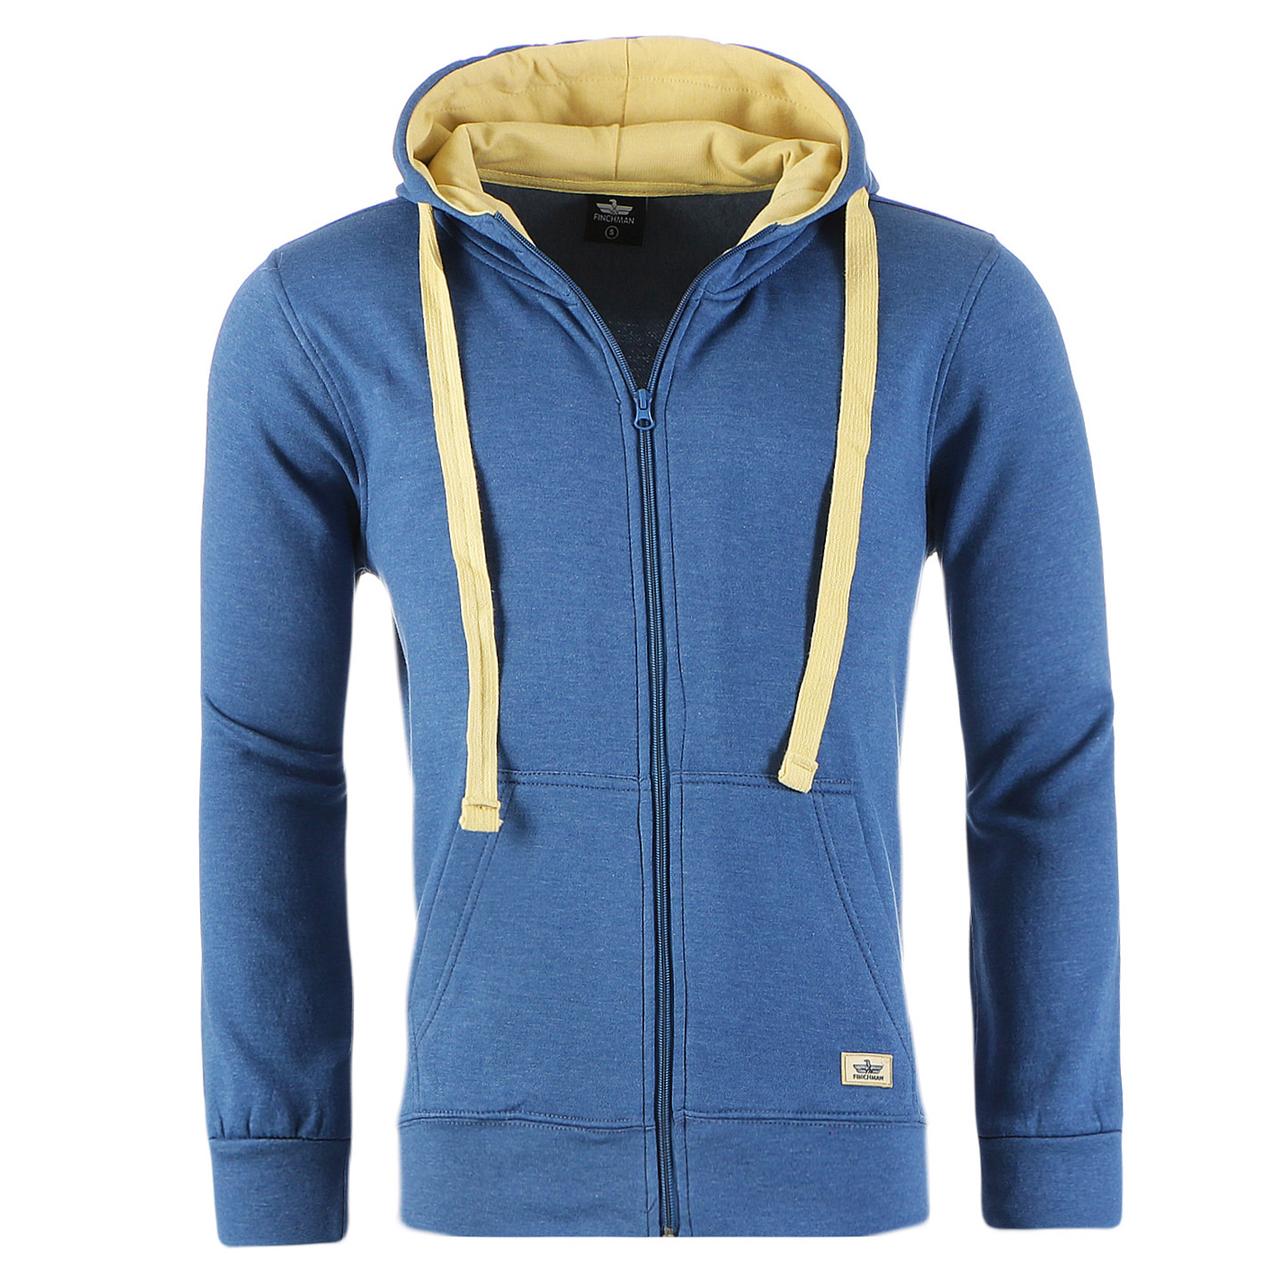 944cb8c5274f Finchman Herren Jacke Sweatshirt Hoodie Full Zip Kapuzen Pullover ...